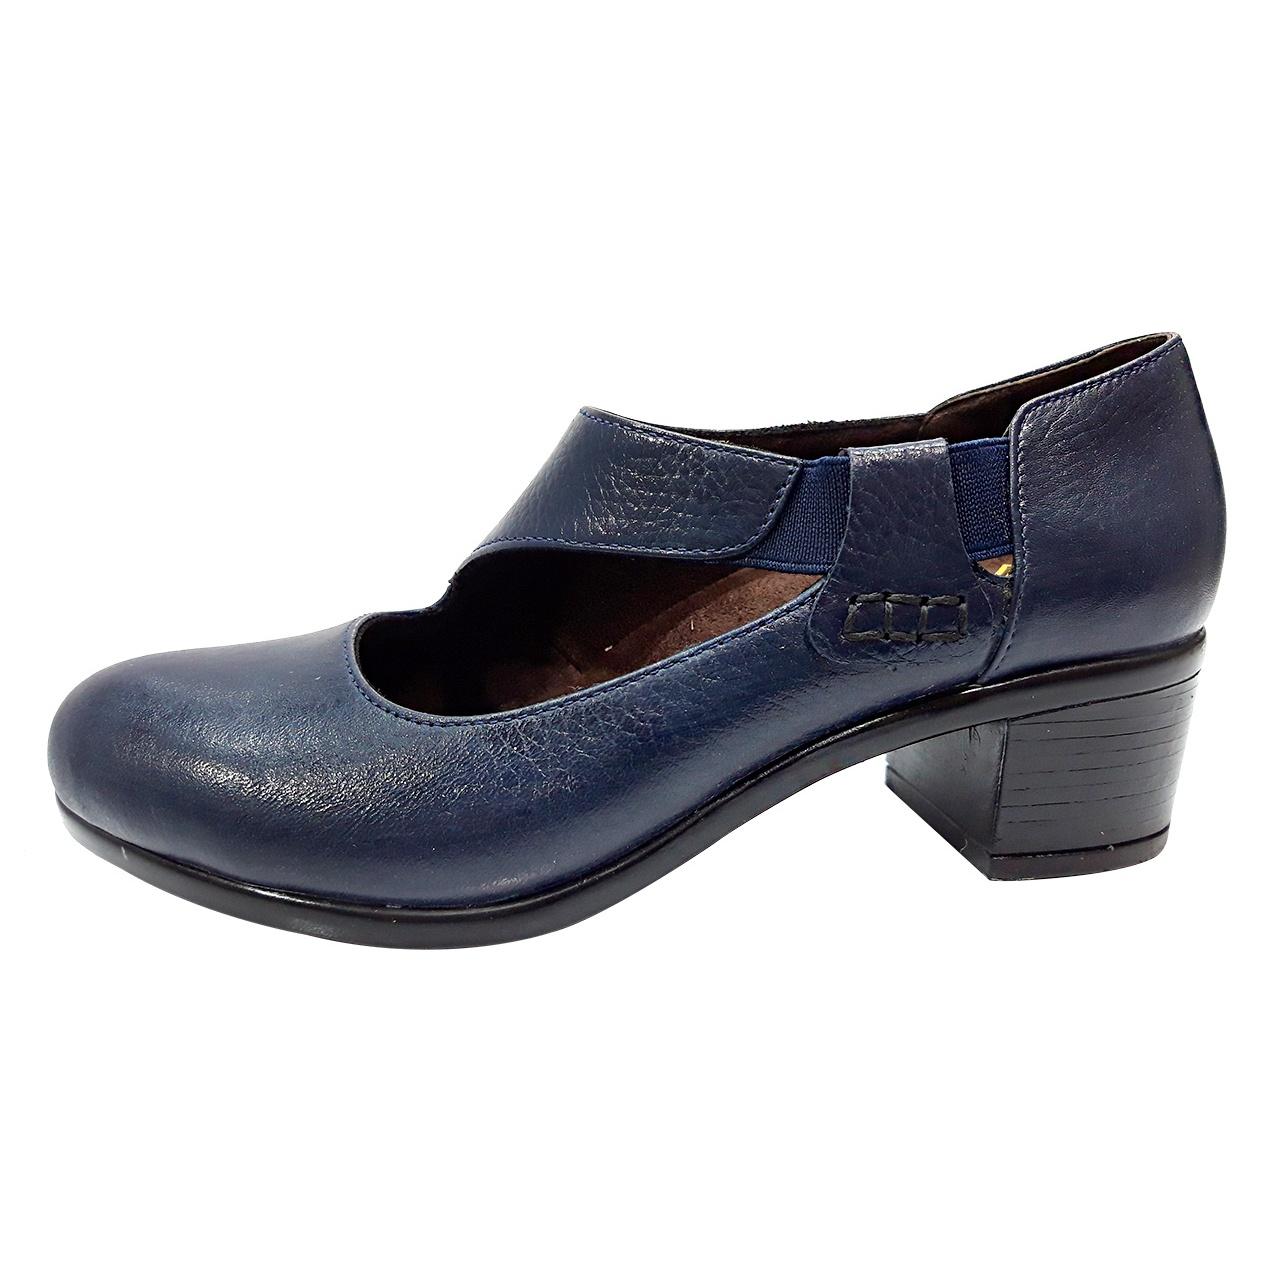 خرید                      کفش زنانه روشن مدل 02-2075